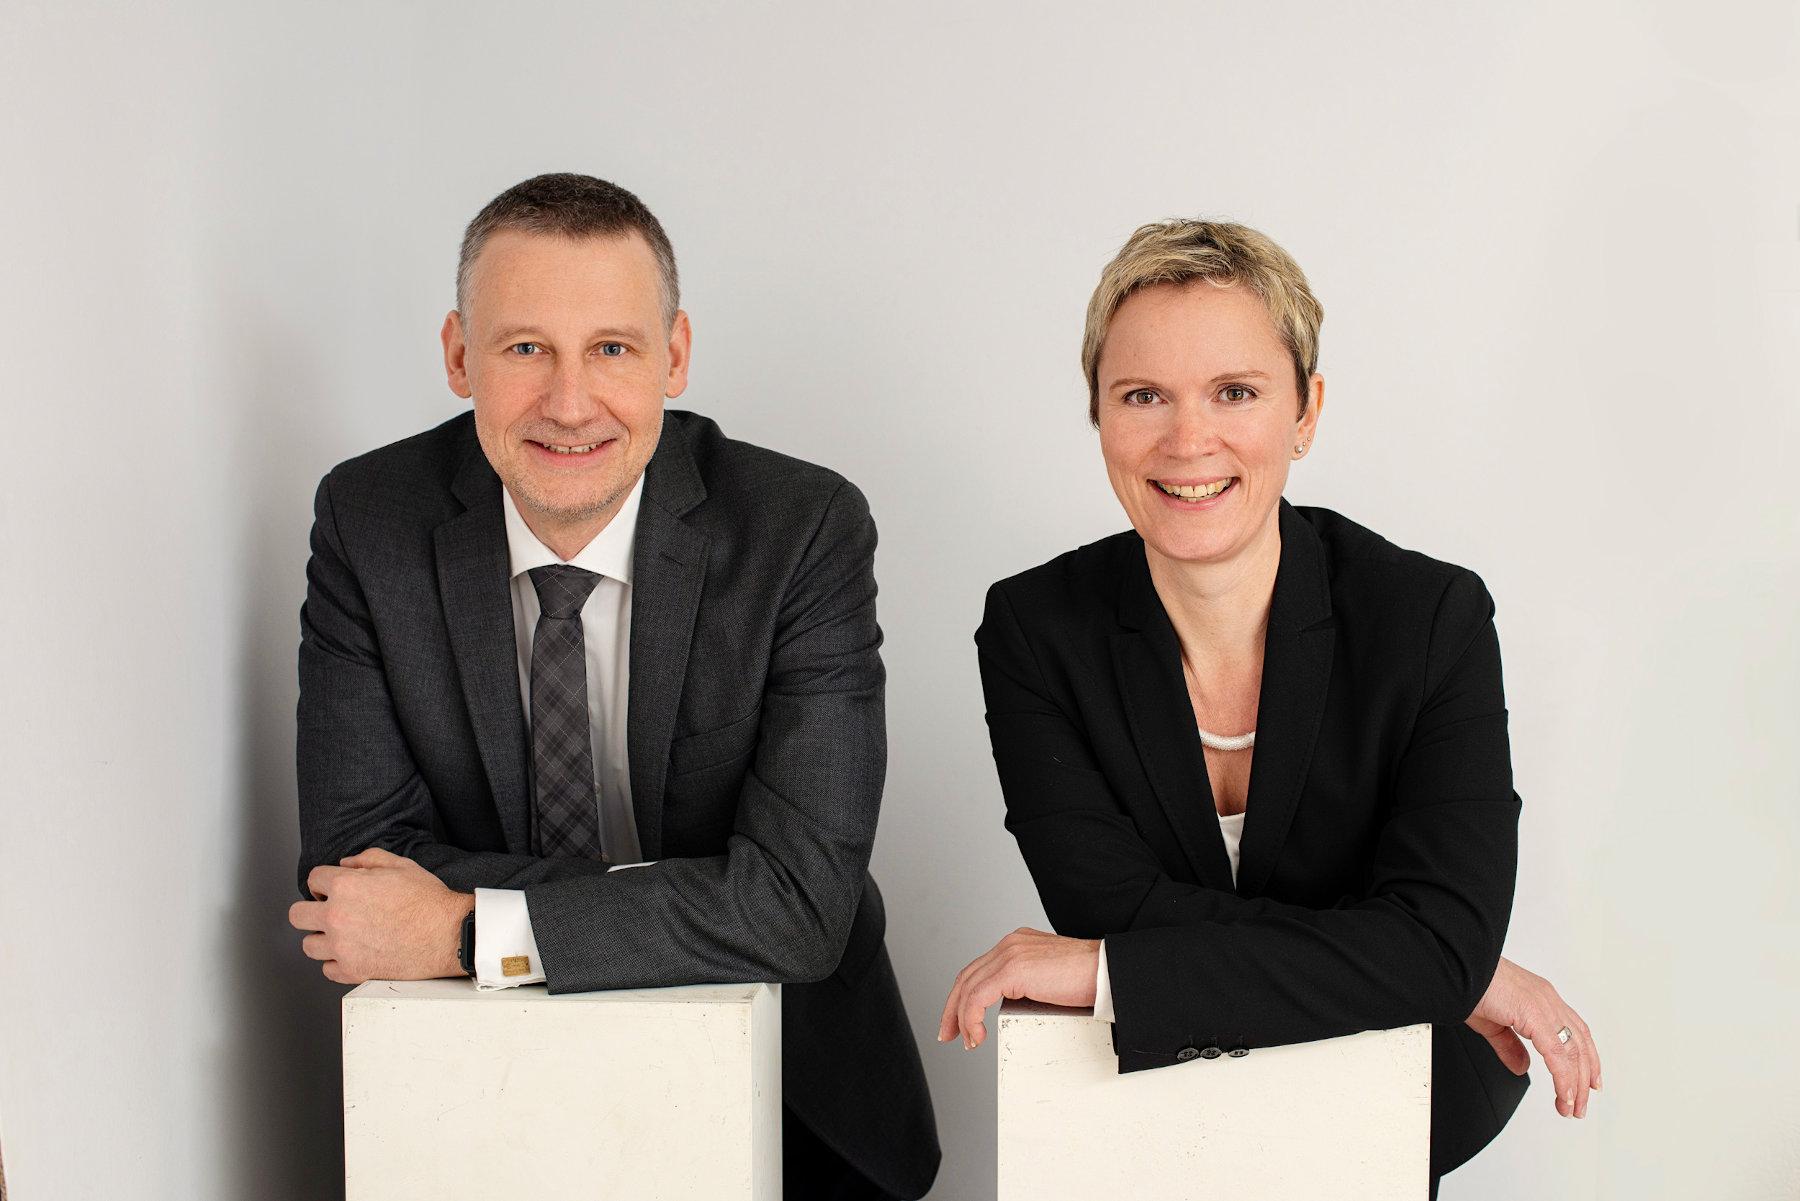 Gerhard Pahl und Nicole Petry - Steuerberatung in Göttingen